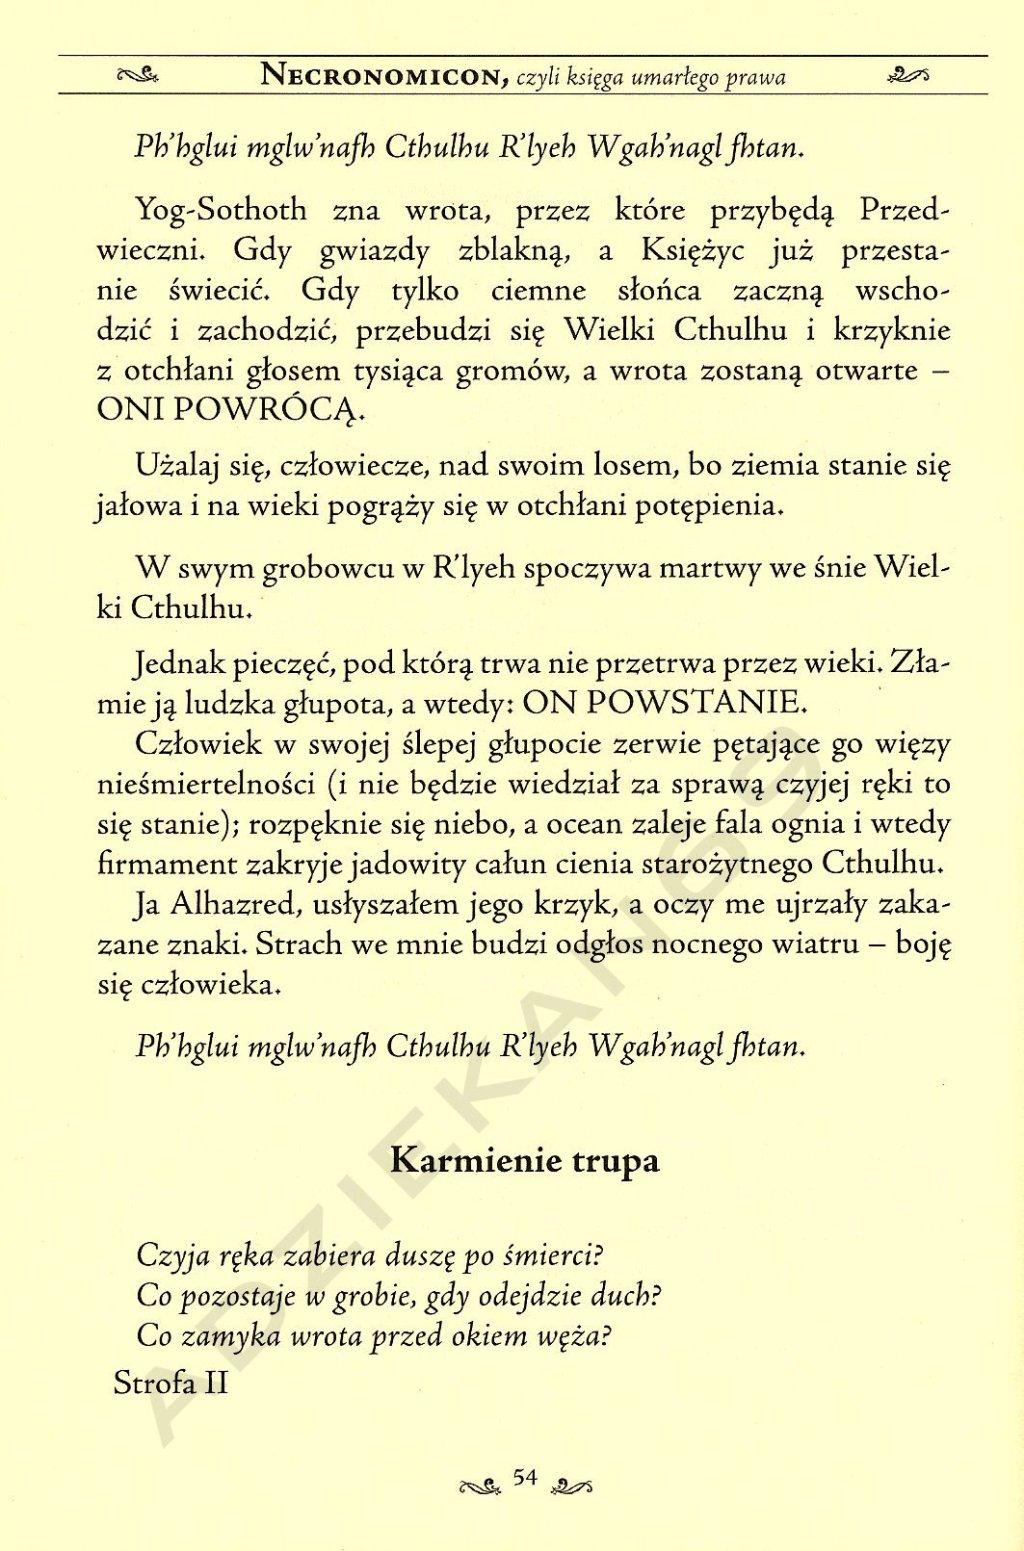 necronomikon 1516 (8)